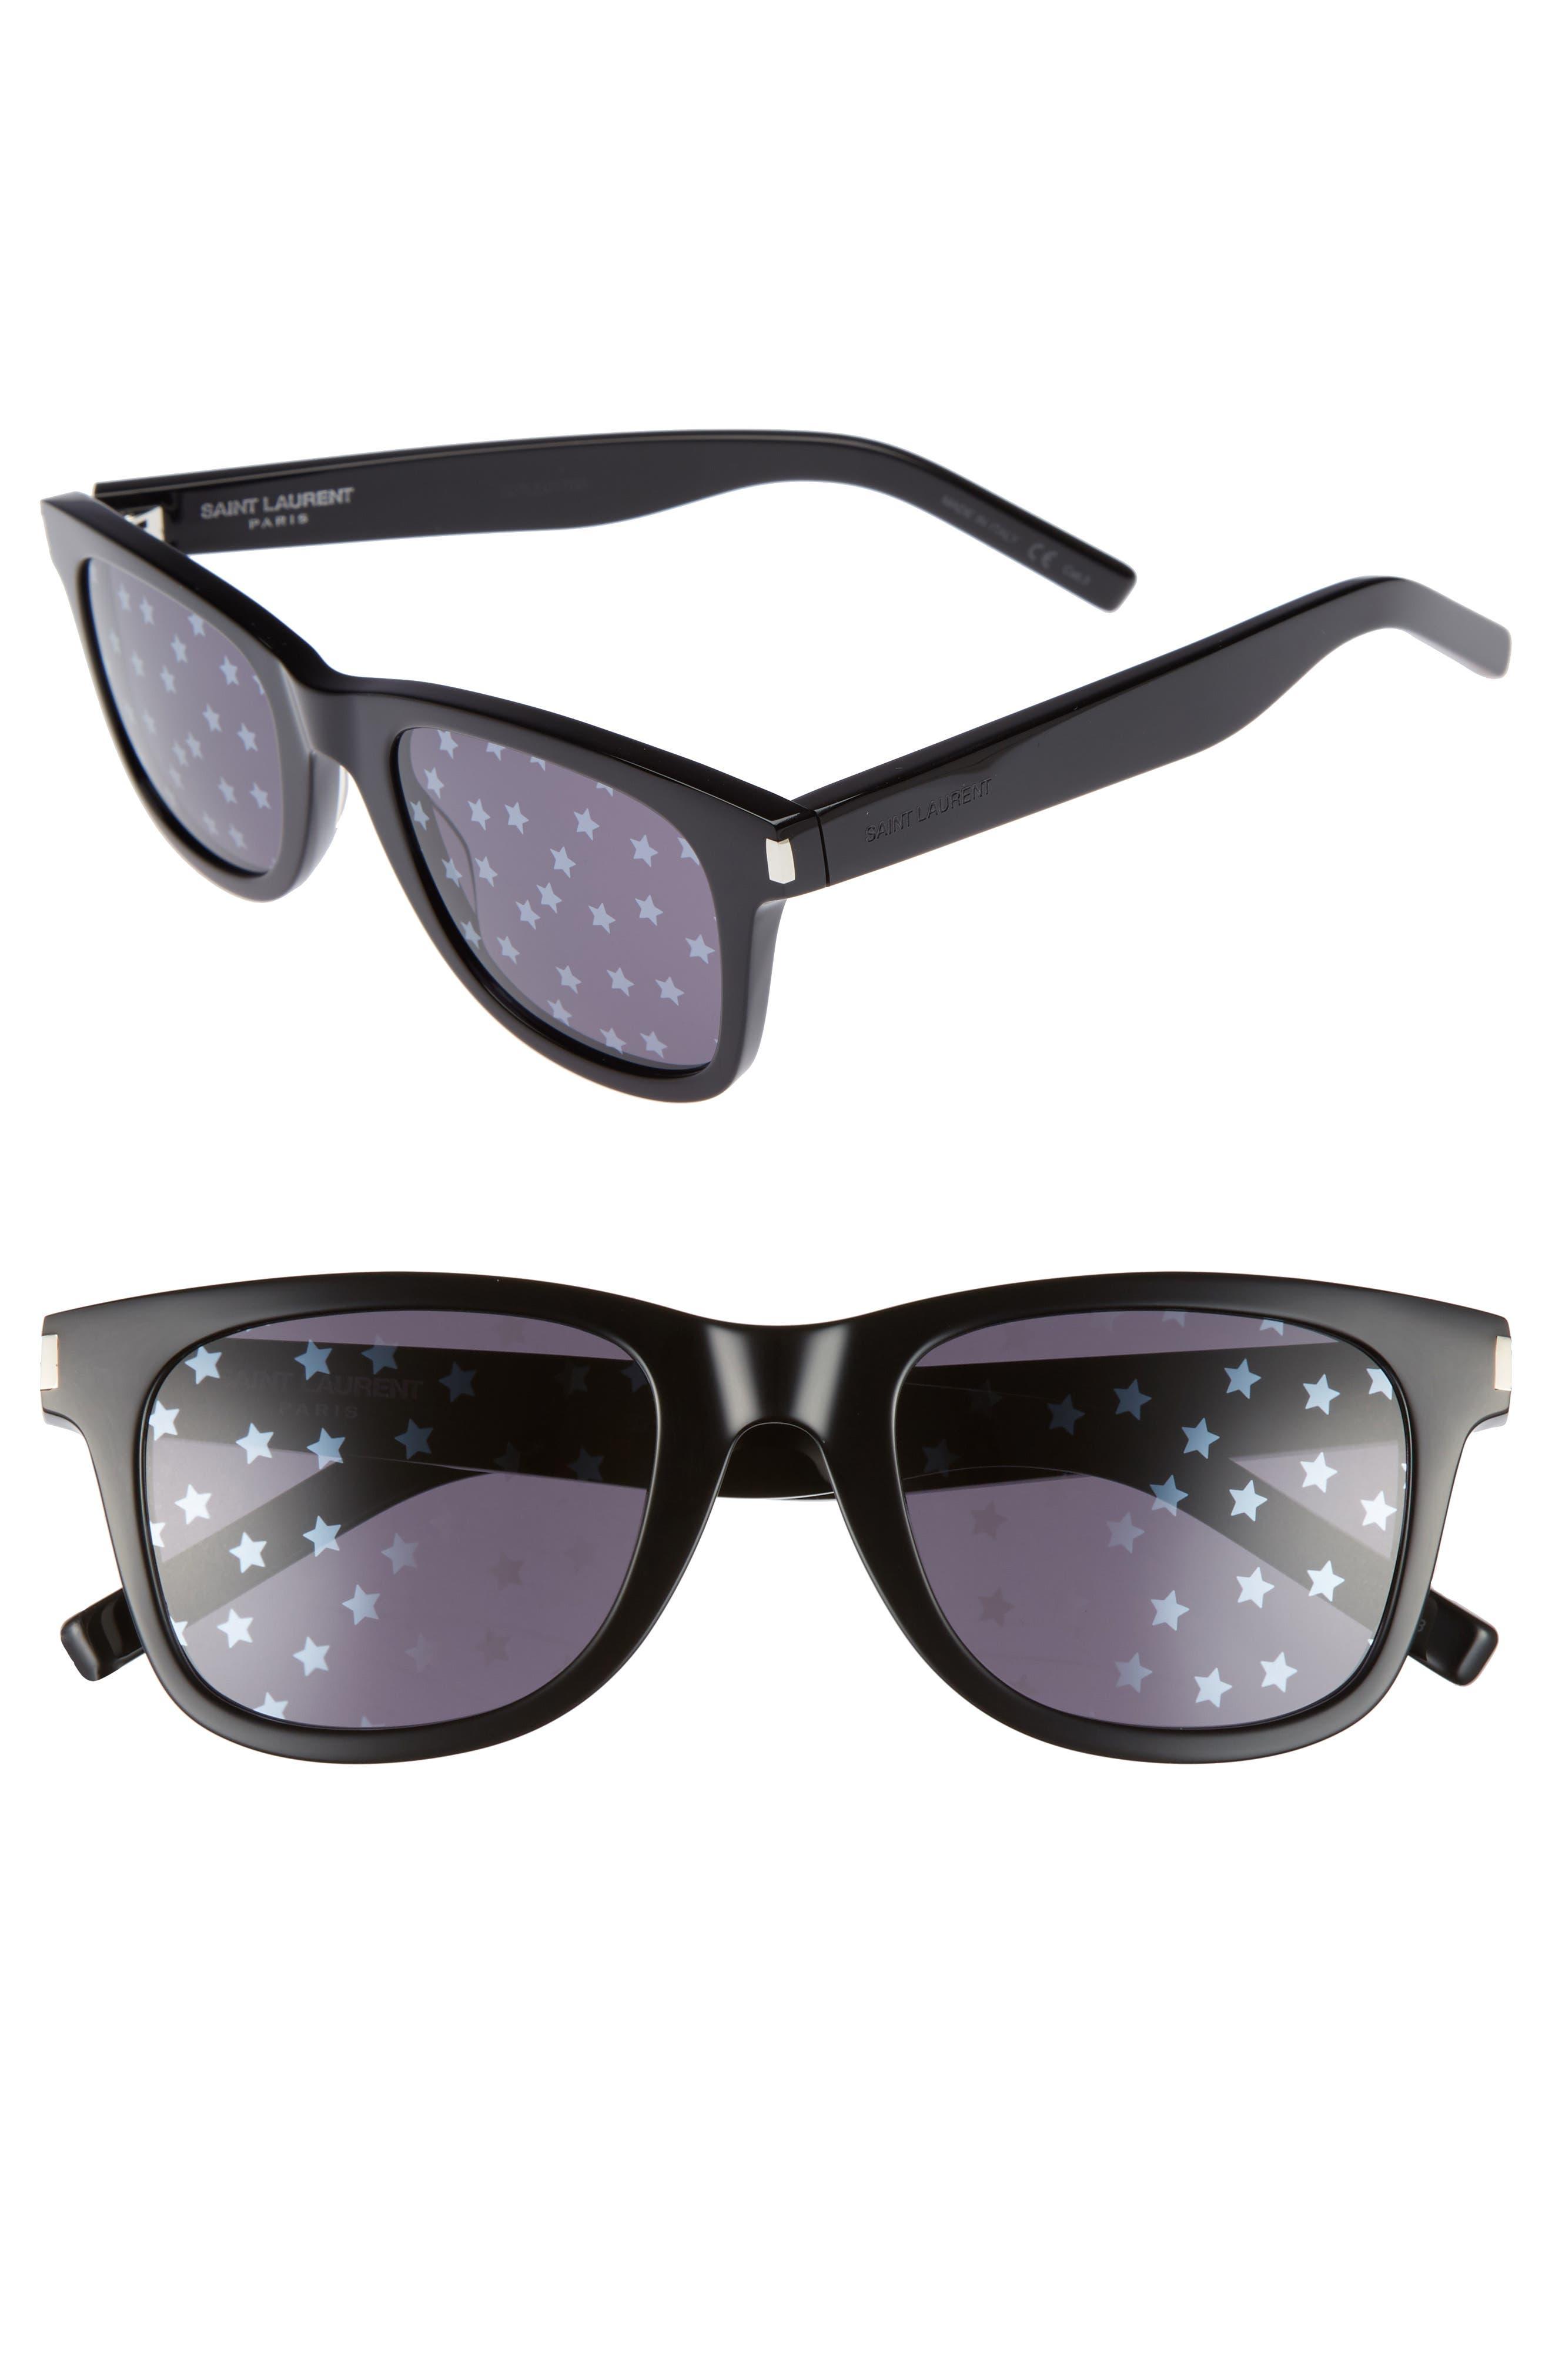 SL51 50mm Sunglasses,                             Main thumbnail 1, color,                             Black/ Black